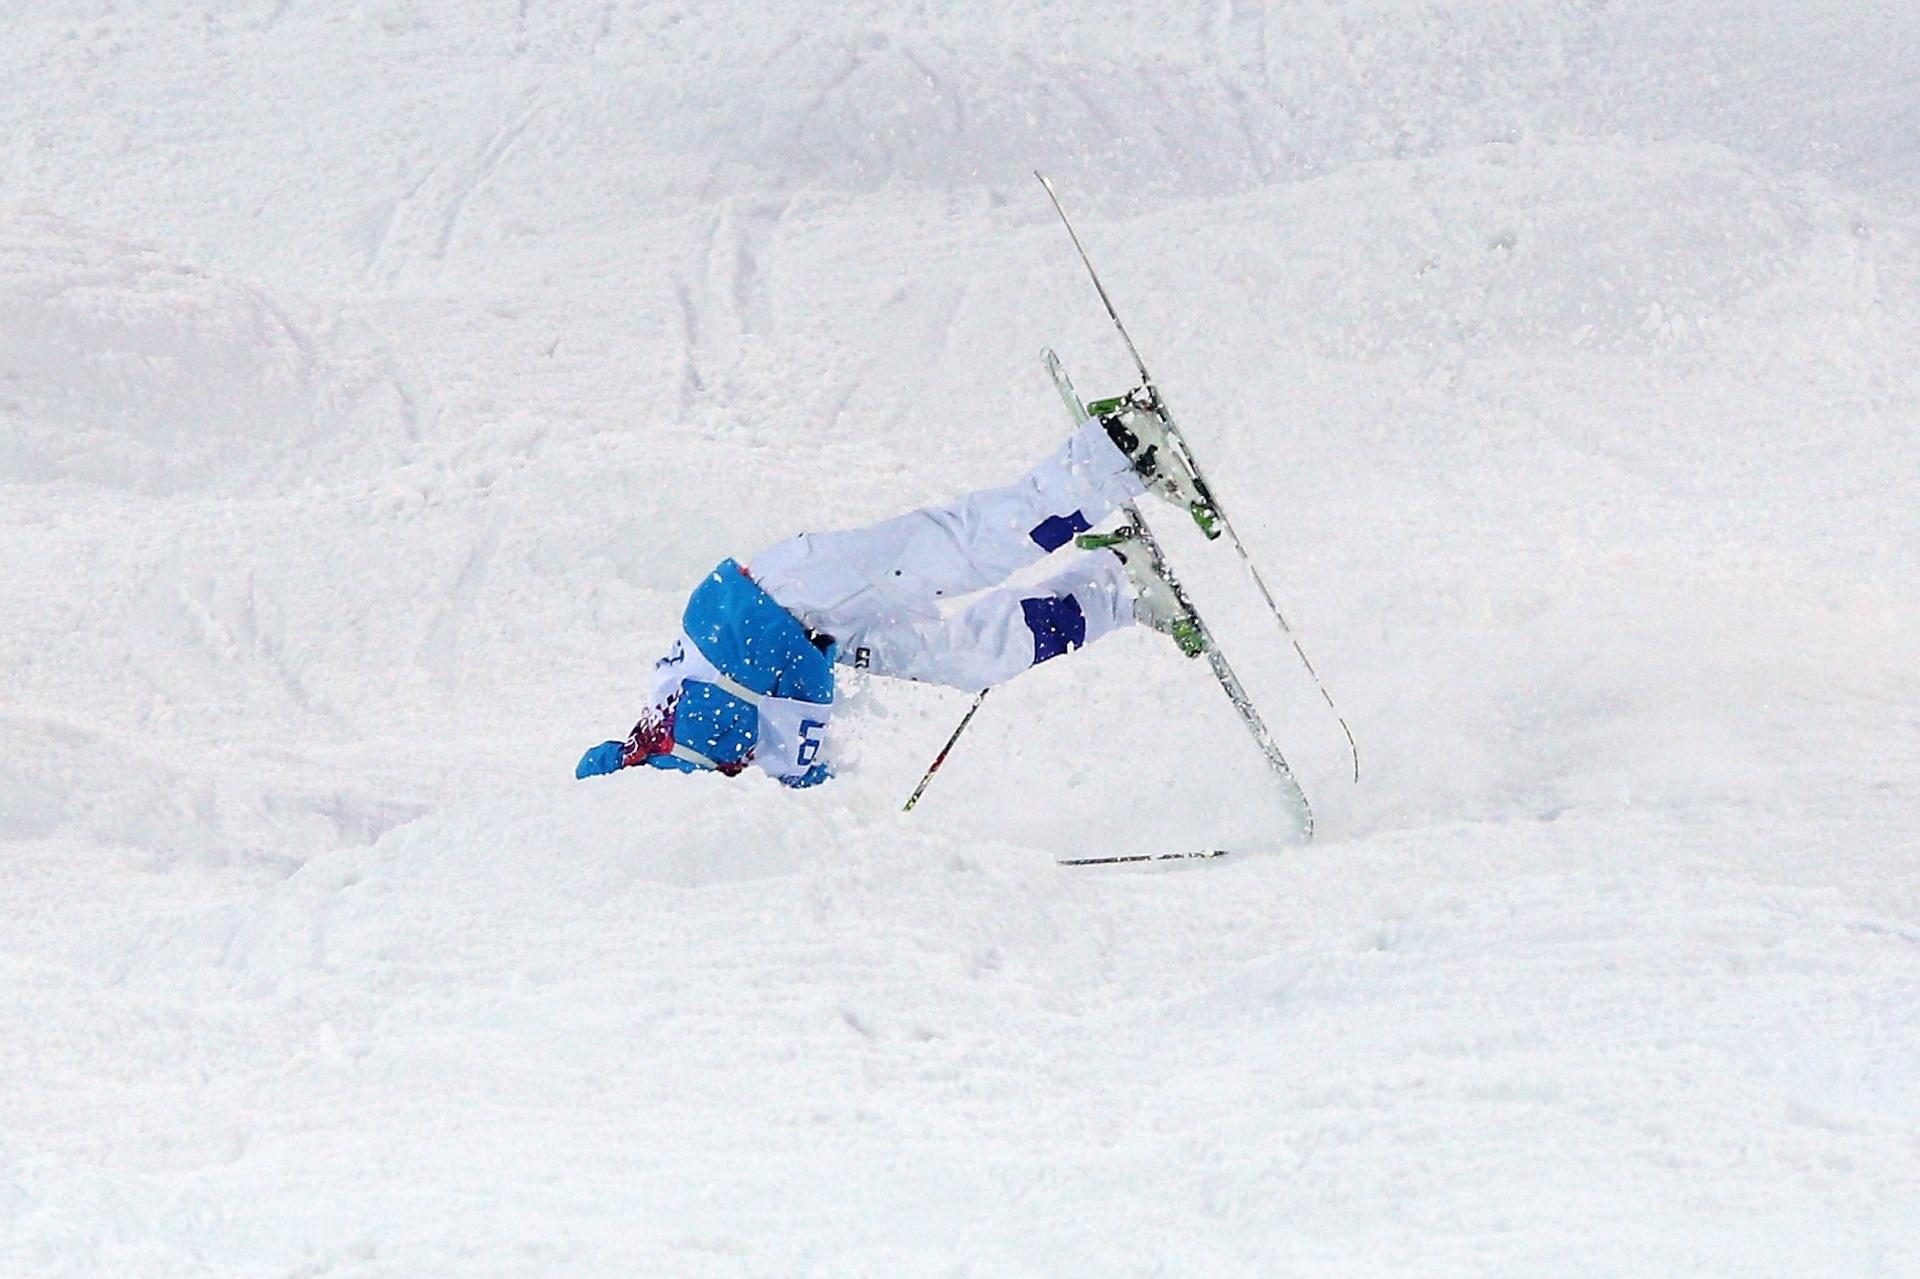 10.02.14 - Finlandês Ville Miettune sofre queda durante a classificação do esqui moguls; ele precisou receber atendimento médico, mas não se feriu gravemente